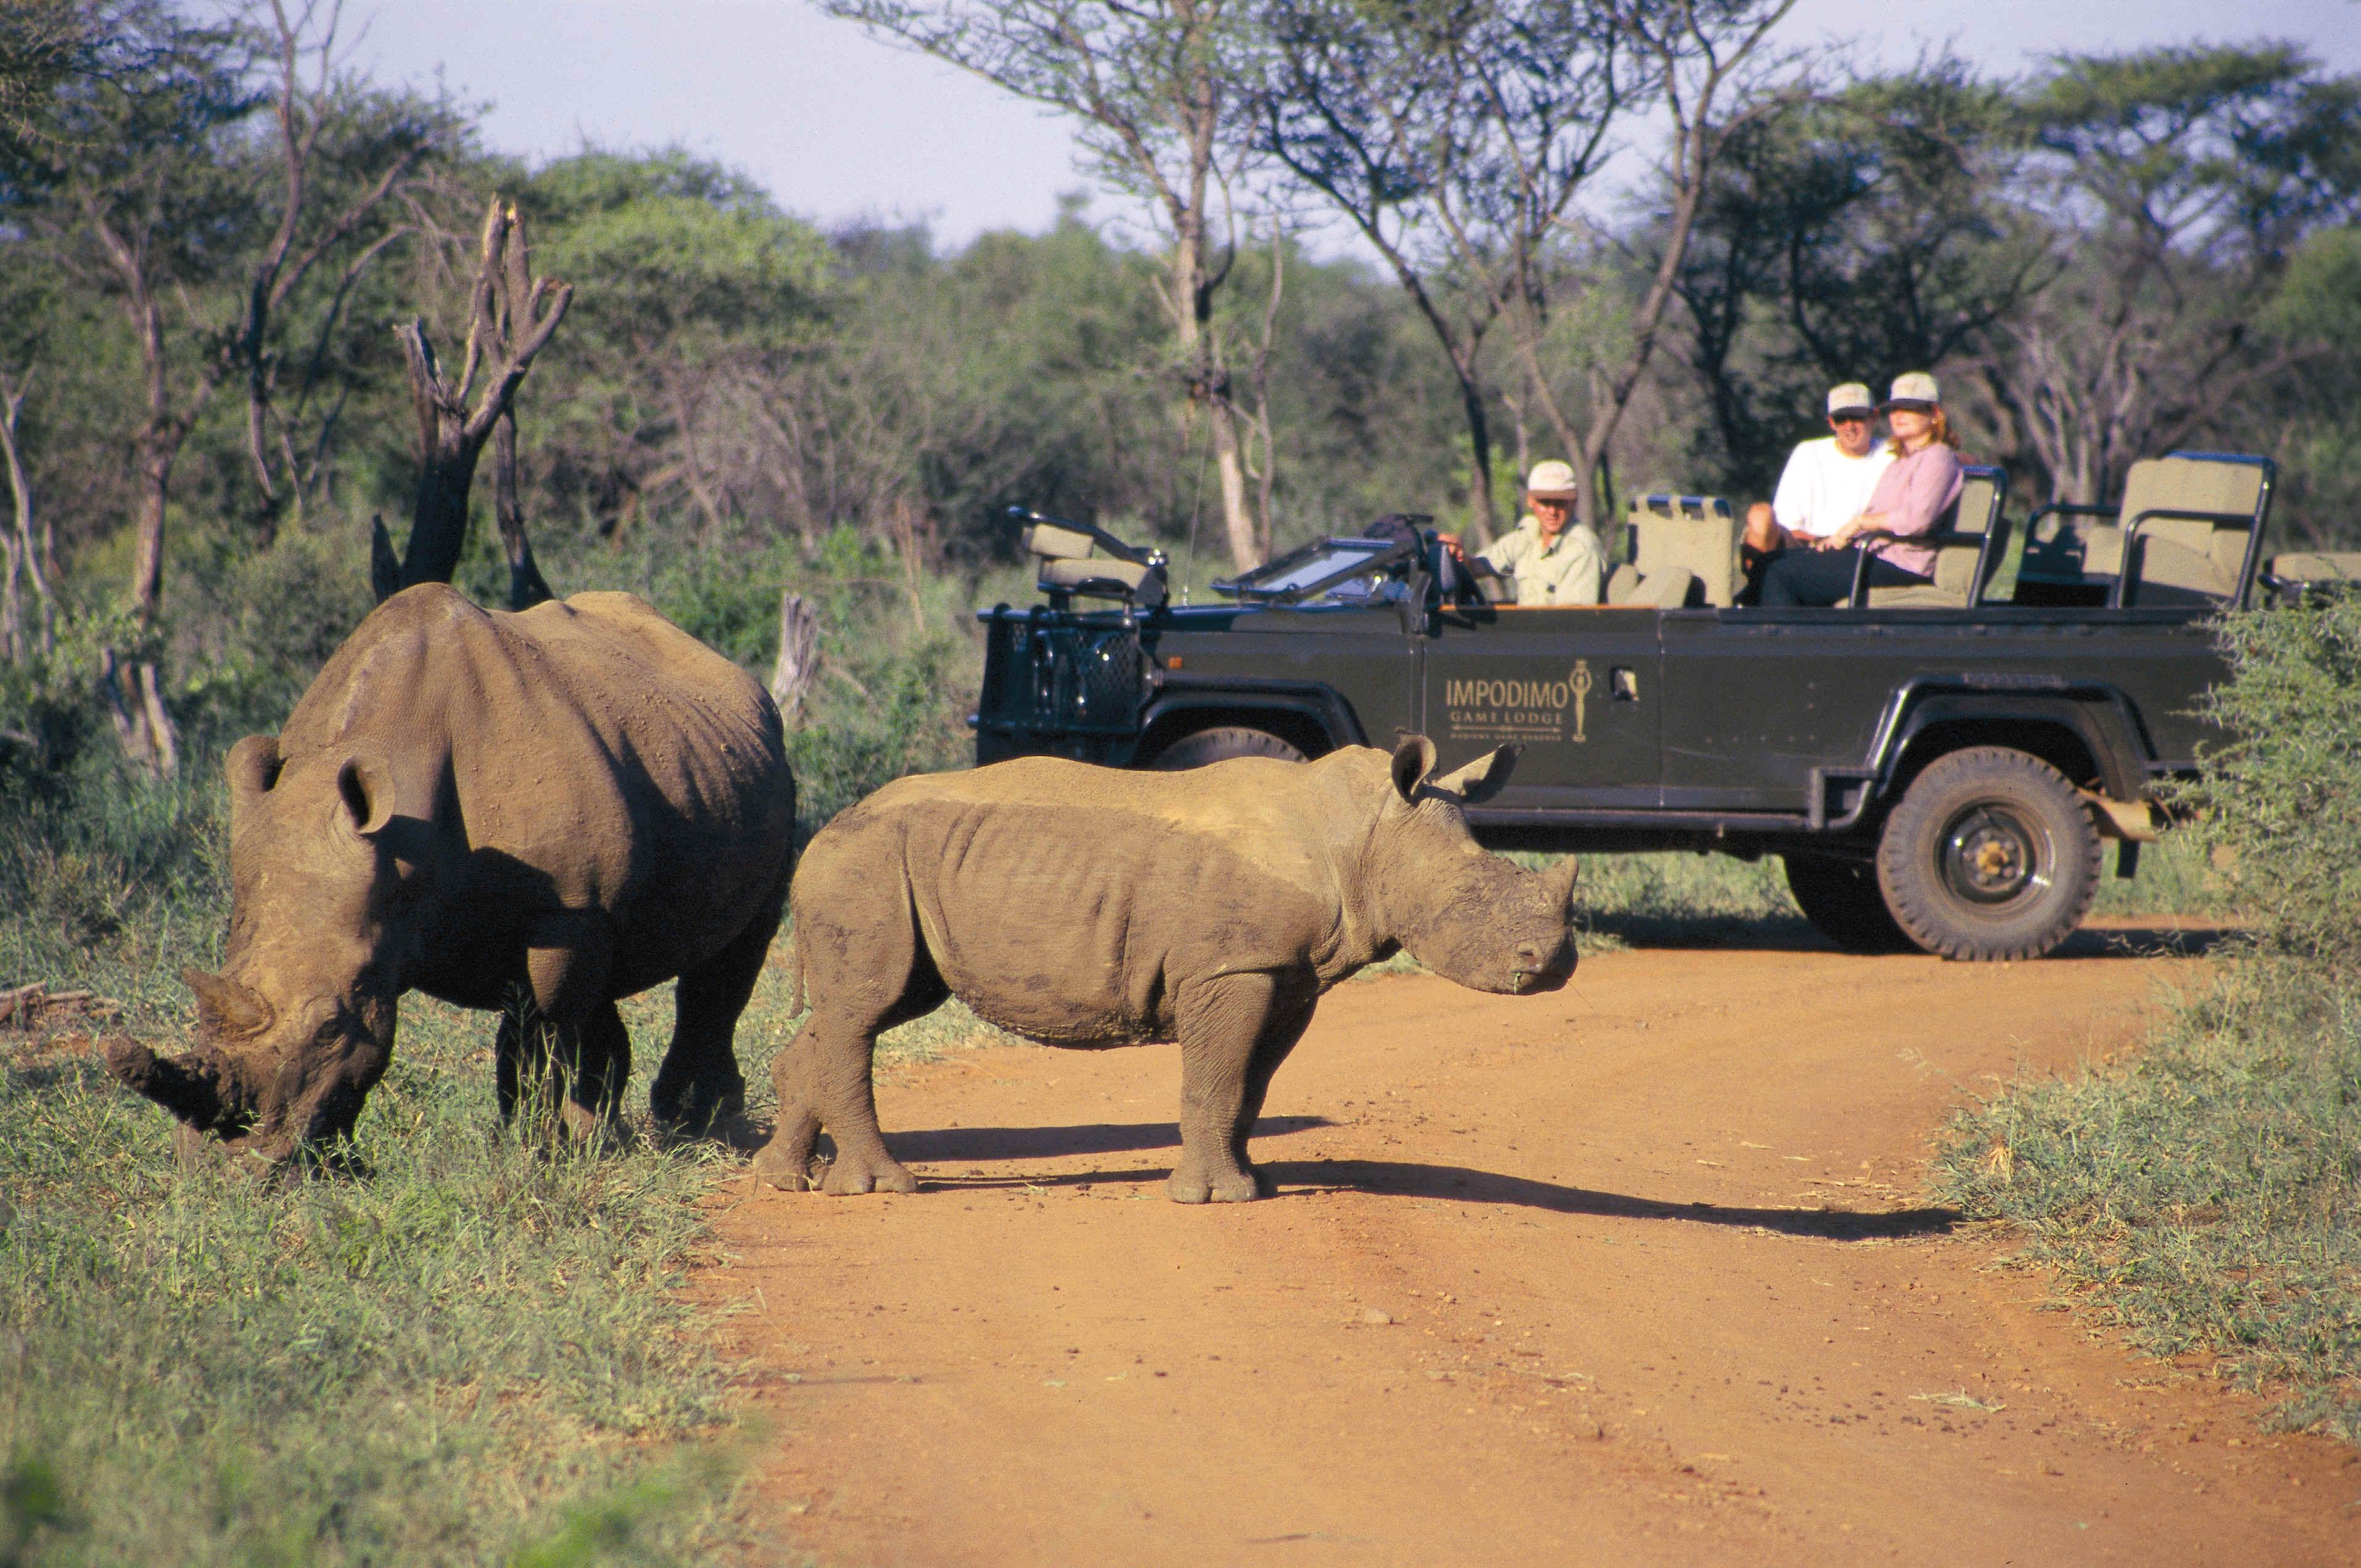 Safari Afrique : quelques jours dans la savane pour moi